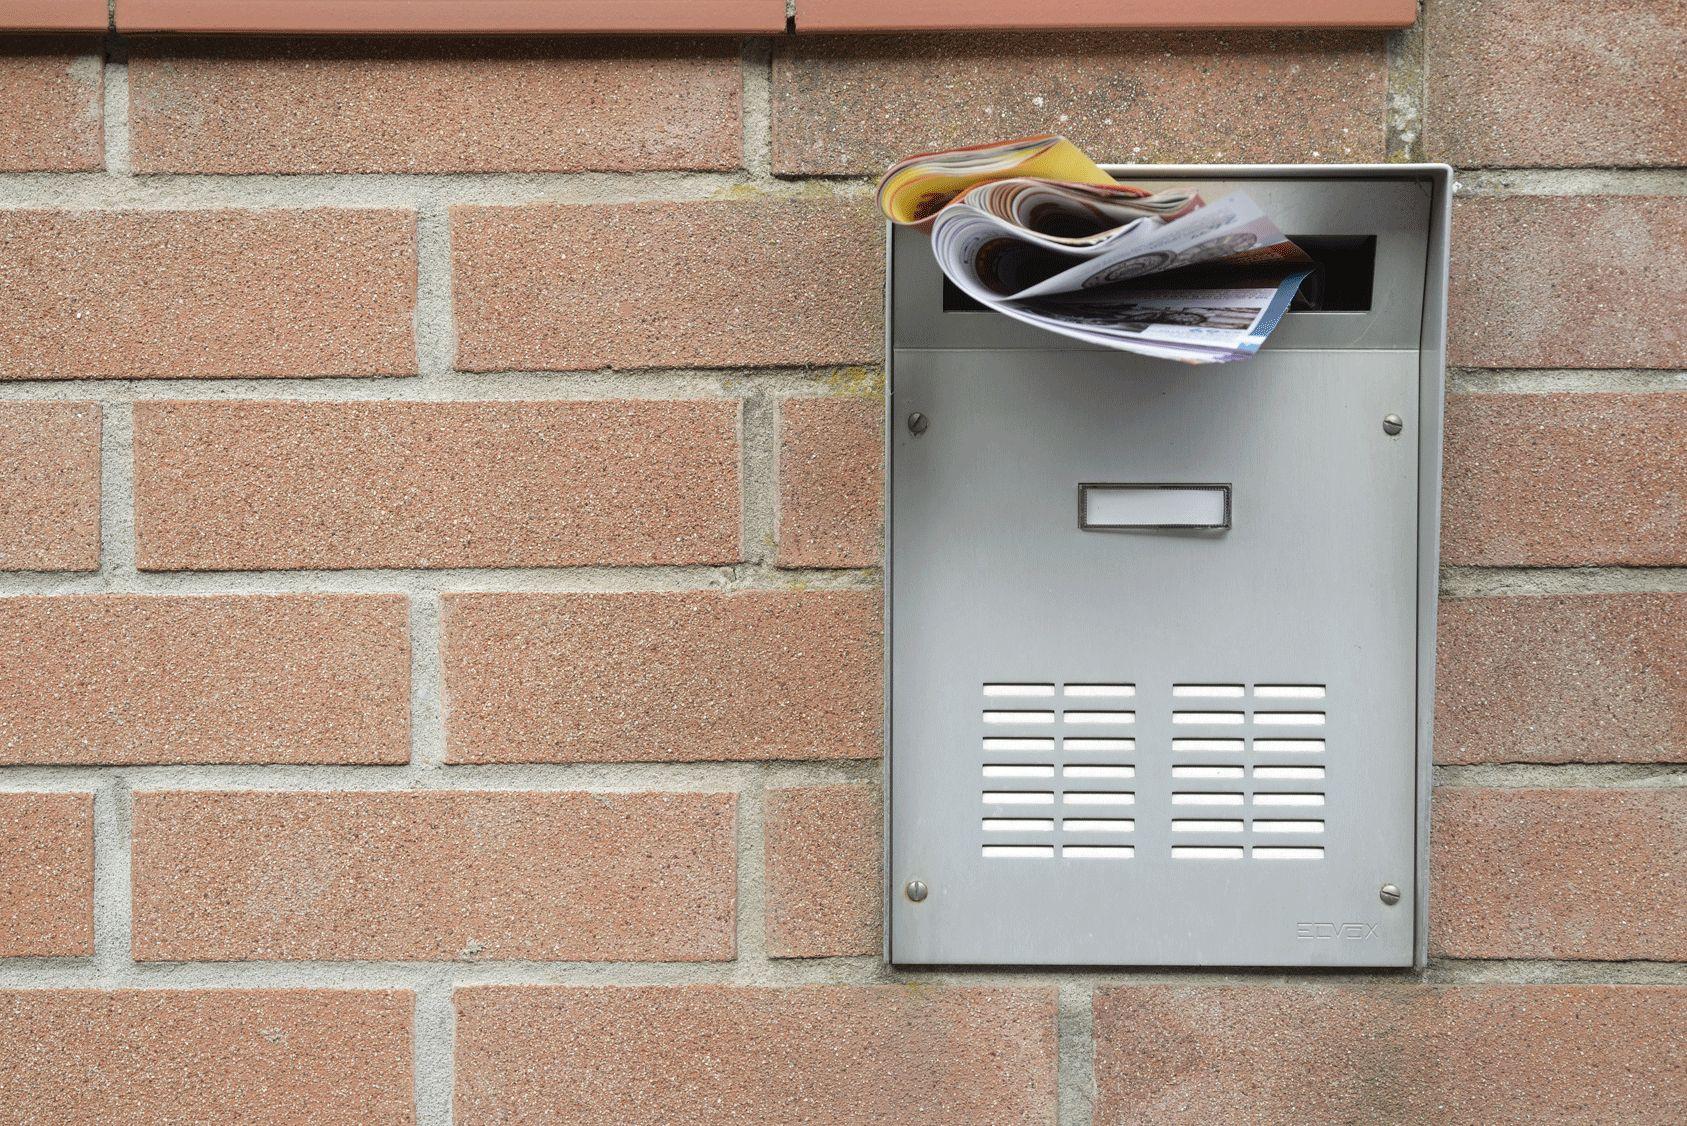 Dépannage à domicile: attention aux prospectus frauduleux